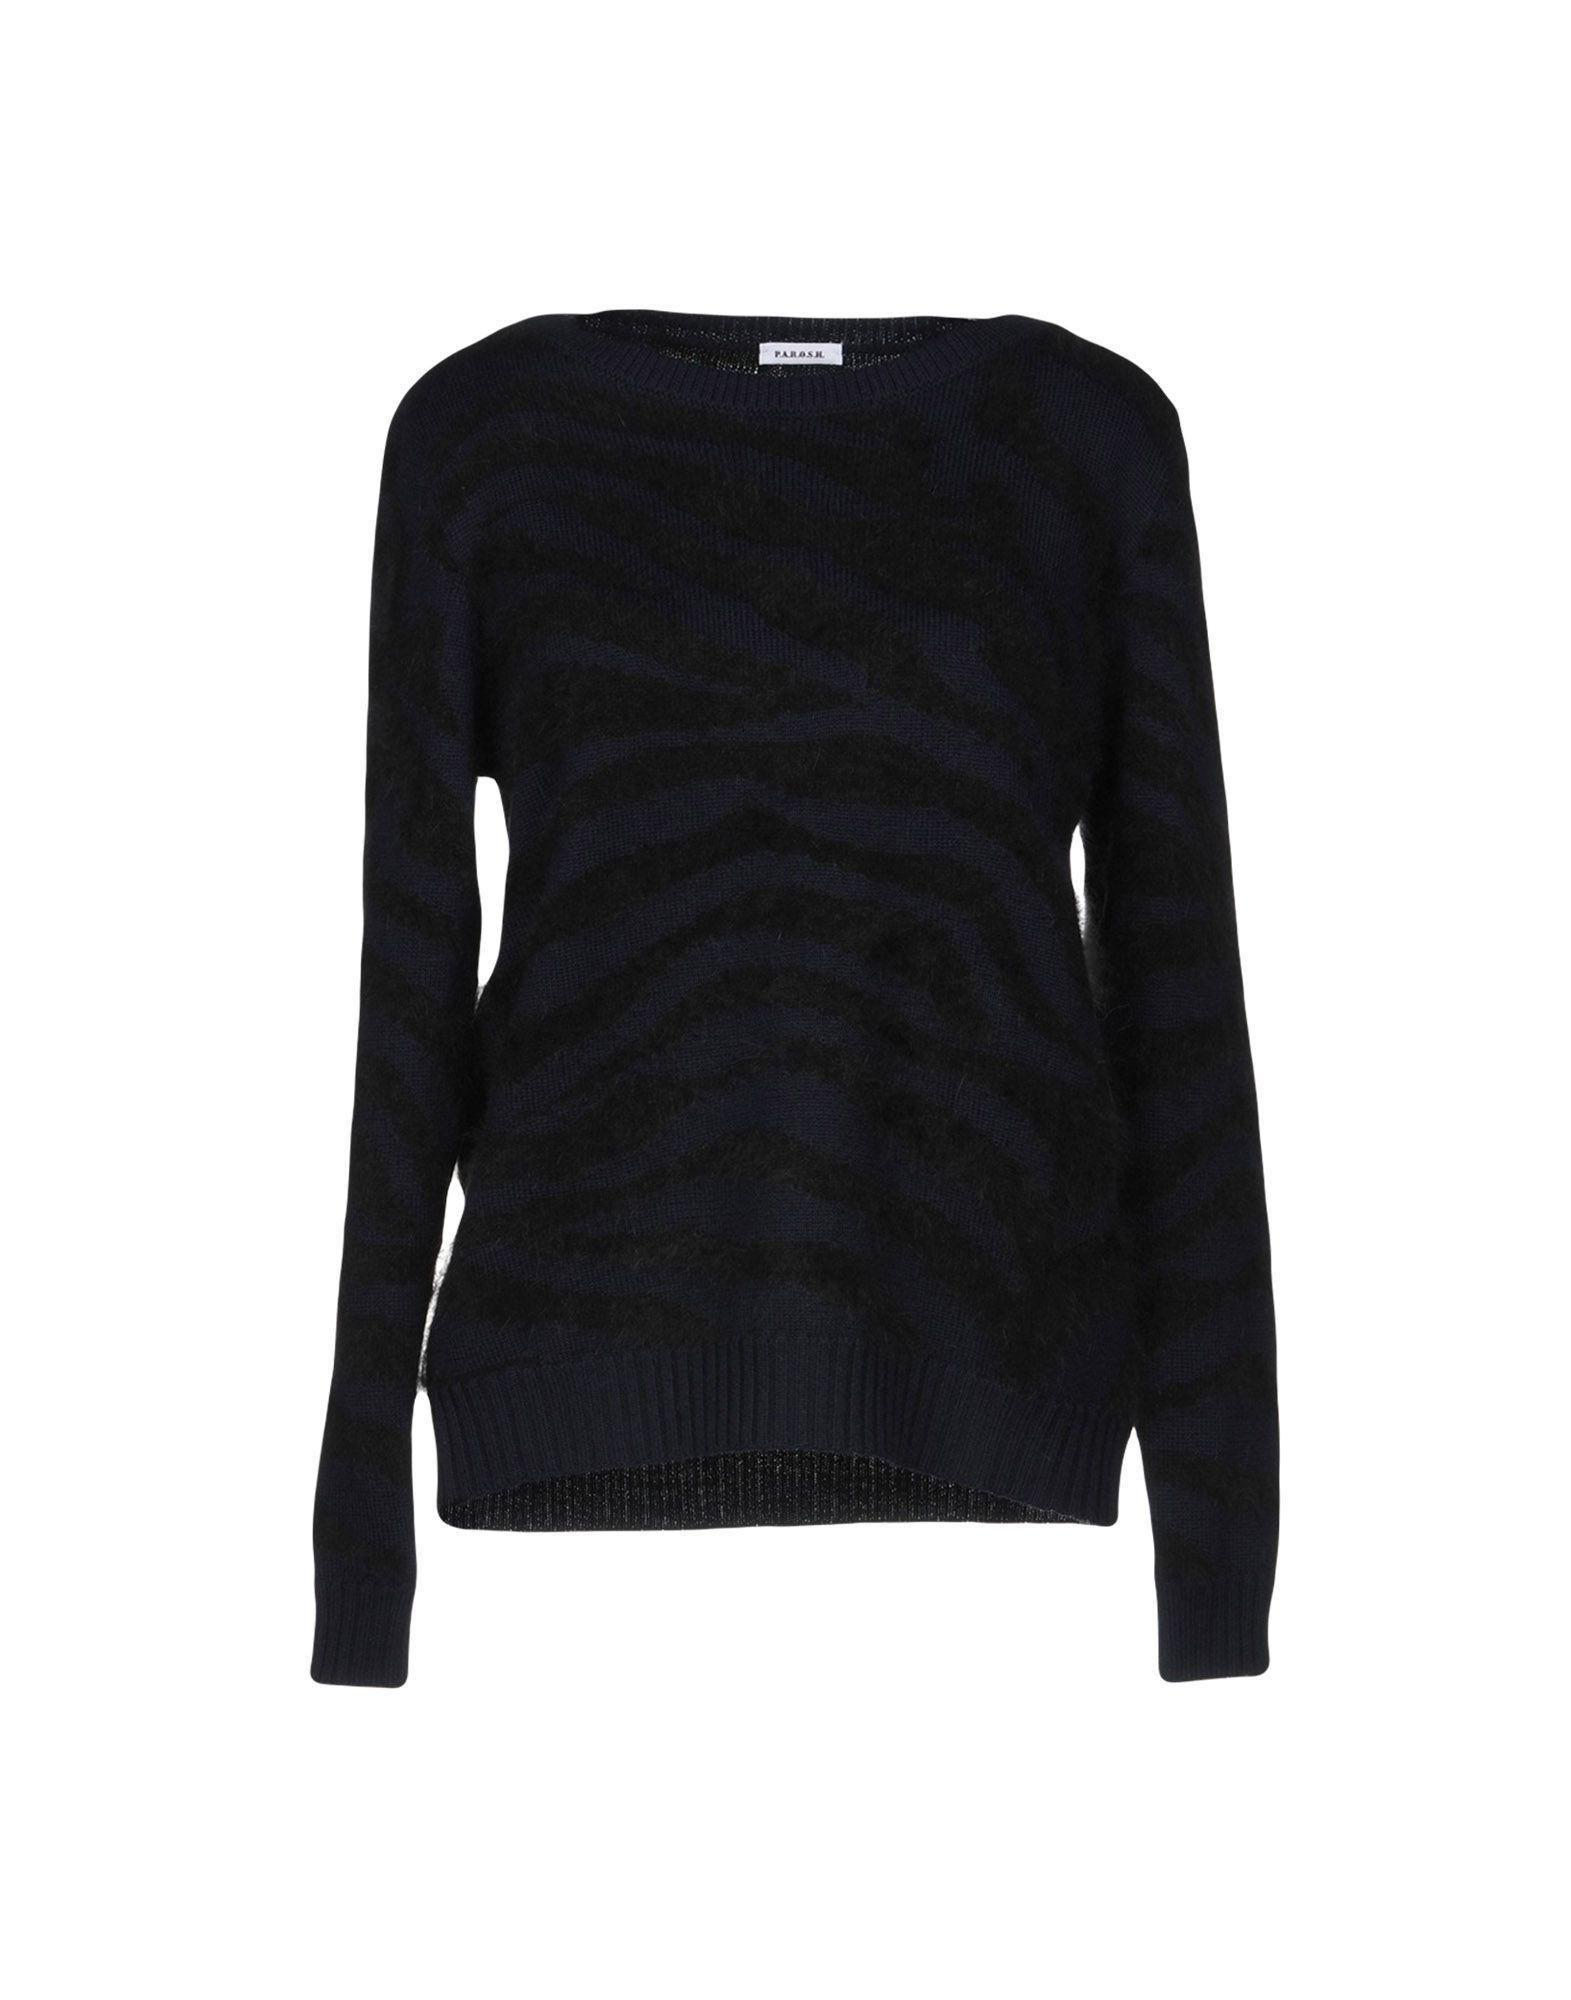 P.a.r.o.s.h. Sweater In Dark Blue